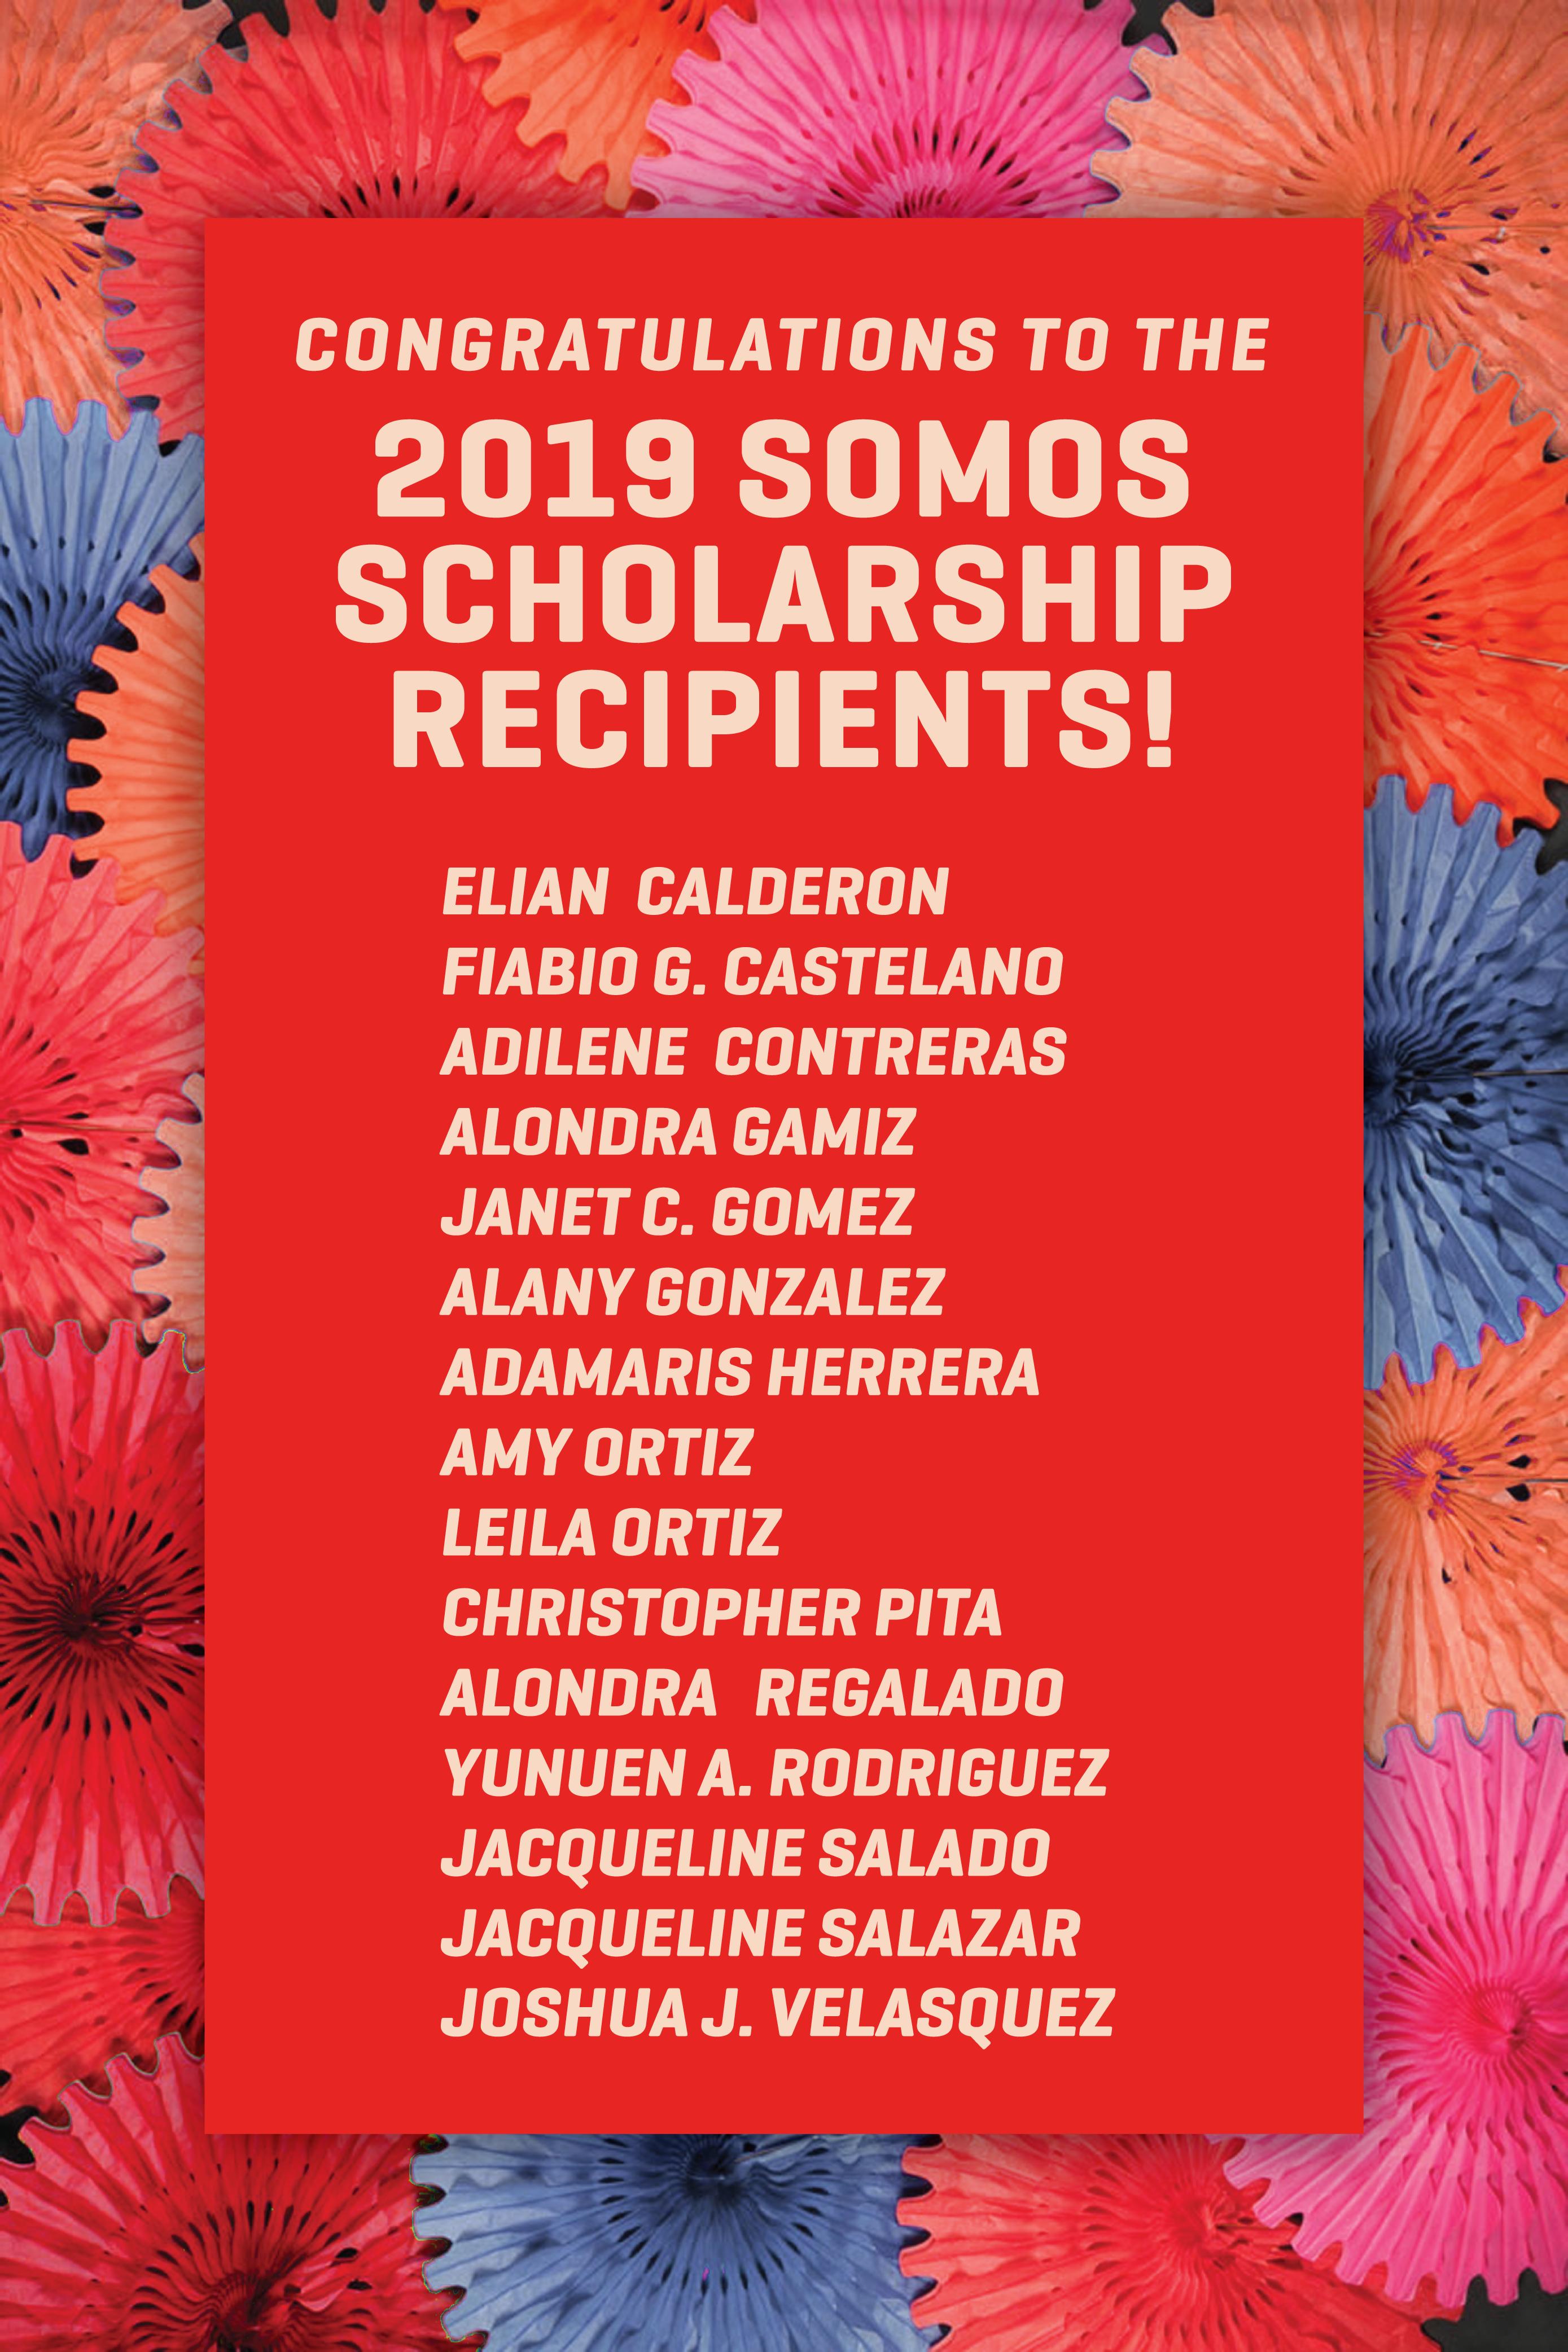 somos winner list of names